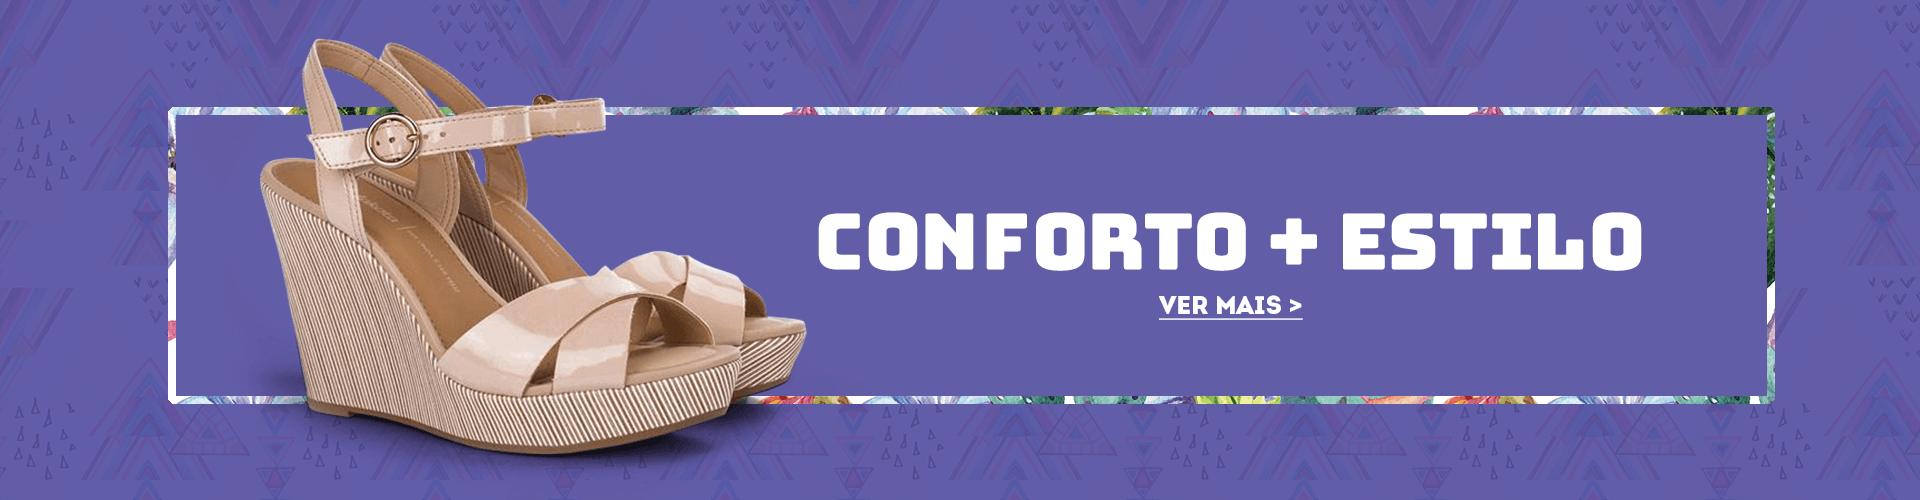 Conforto + Estilo